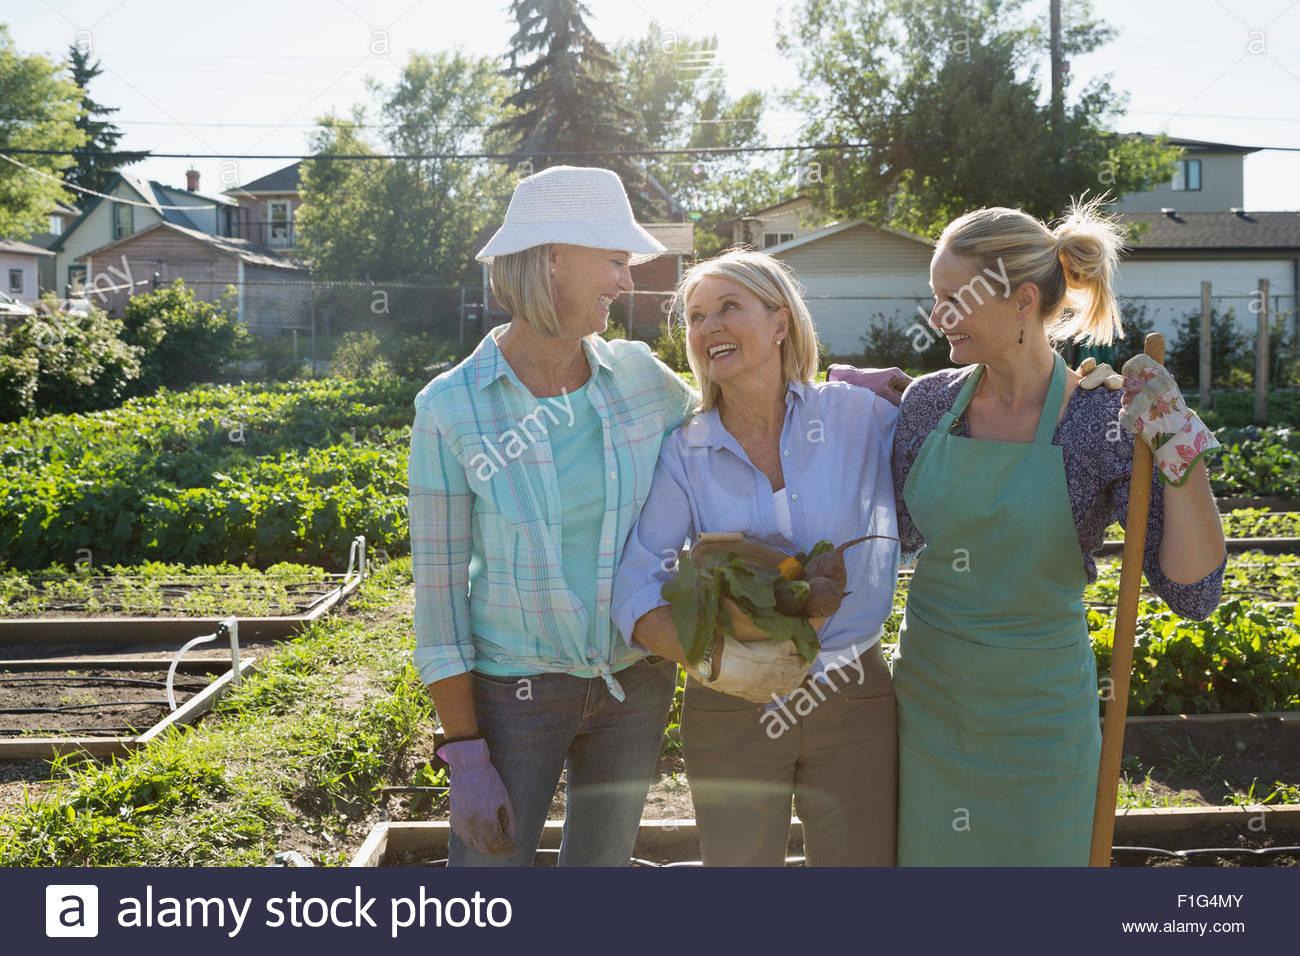 Smiling women in sunny community vegetable garden - Stock Image